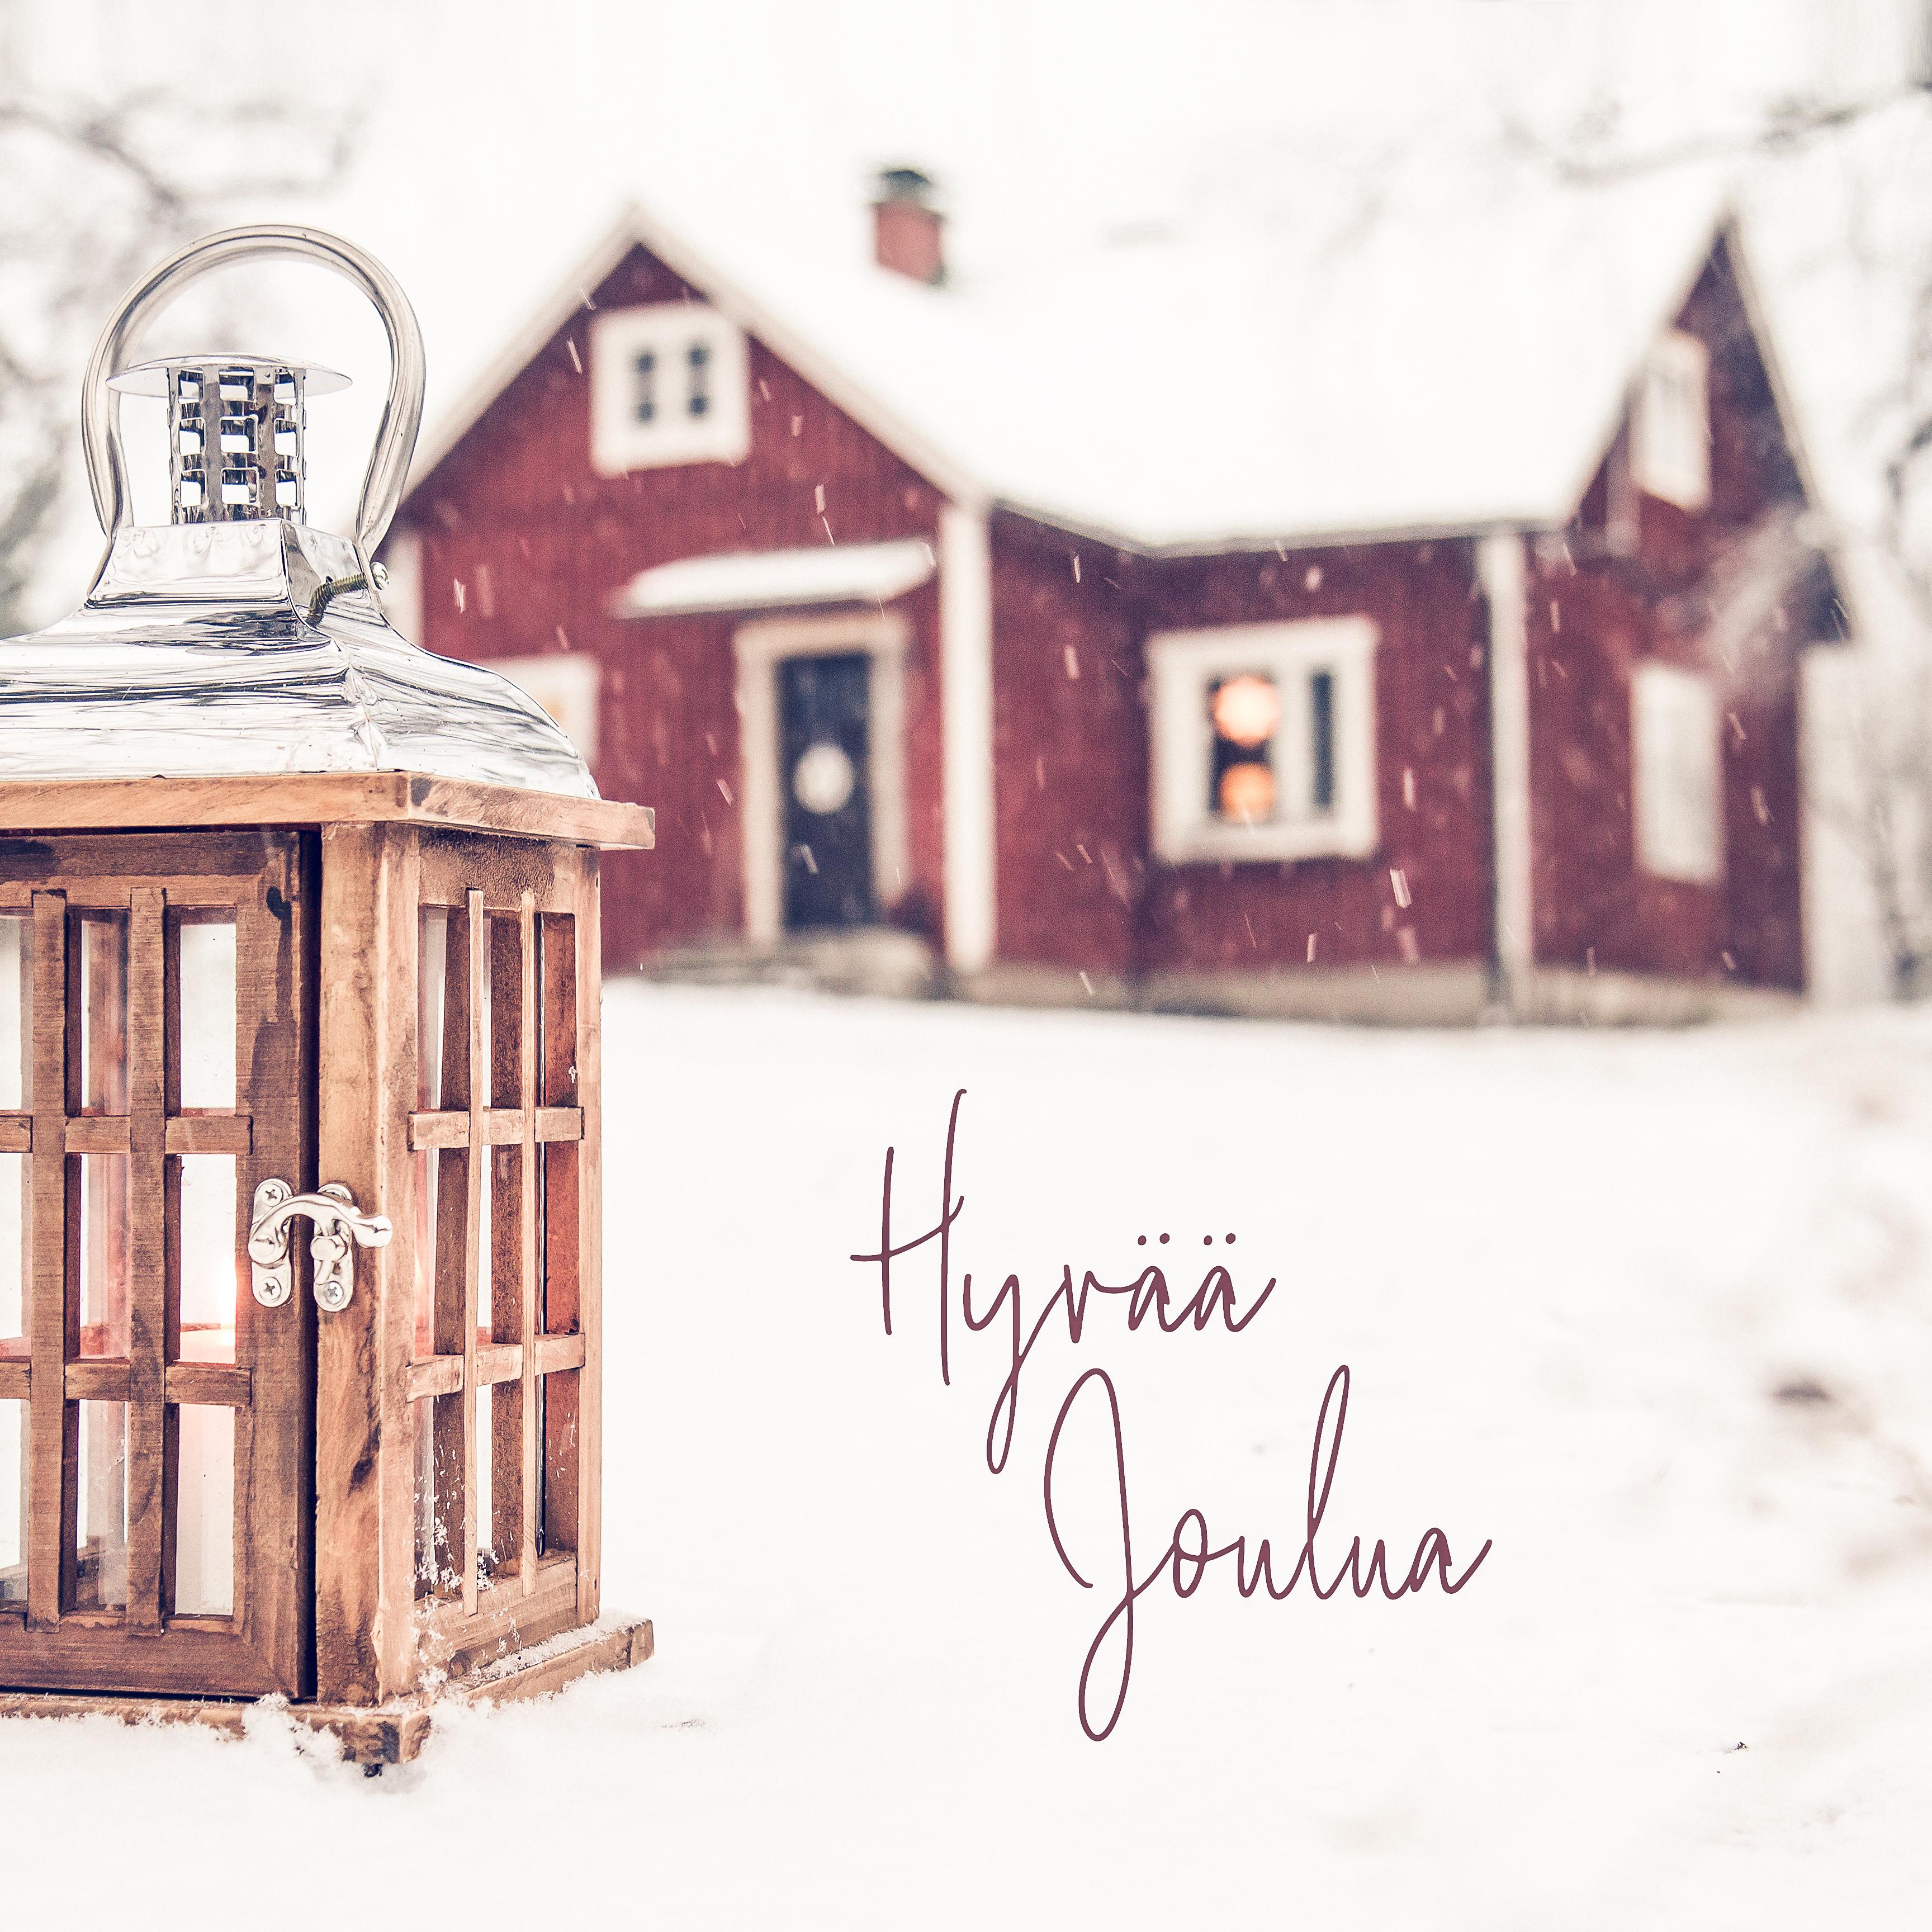 Postikortti: Joulu Torppa